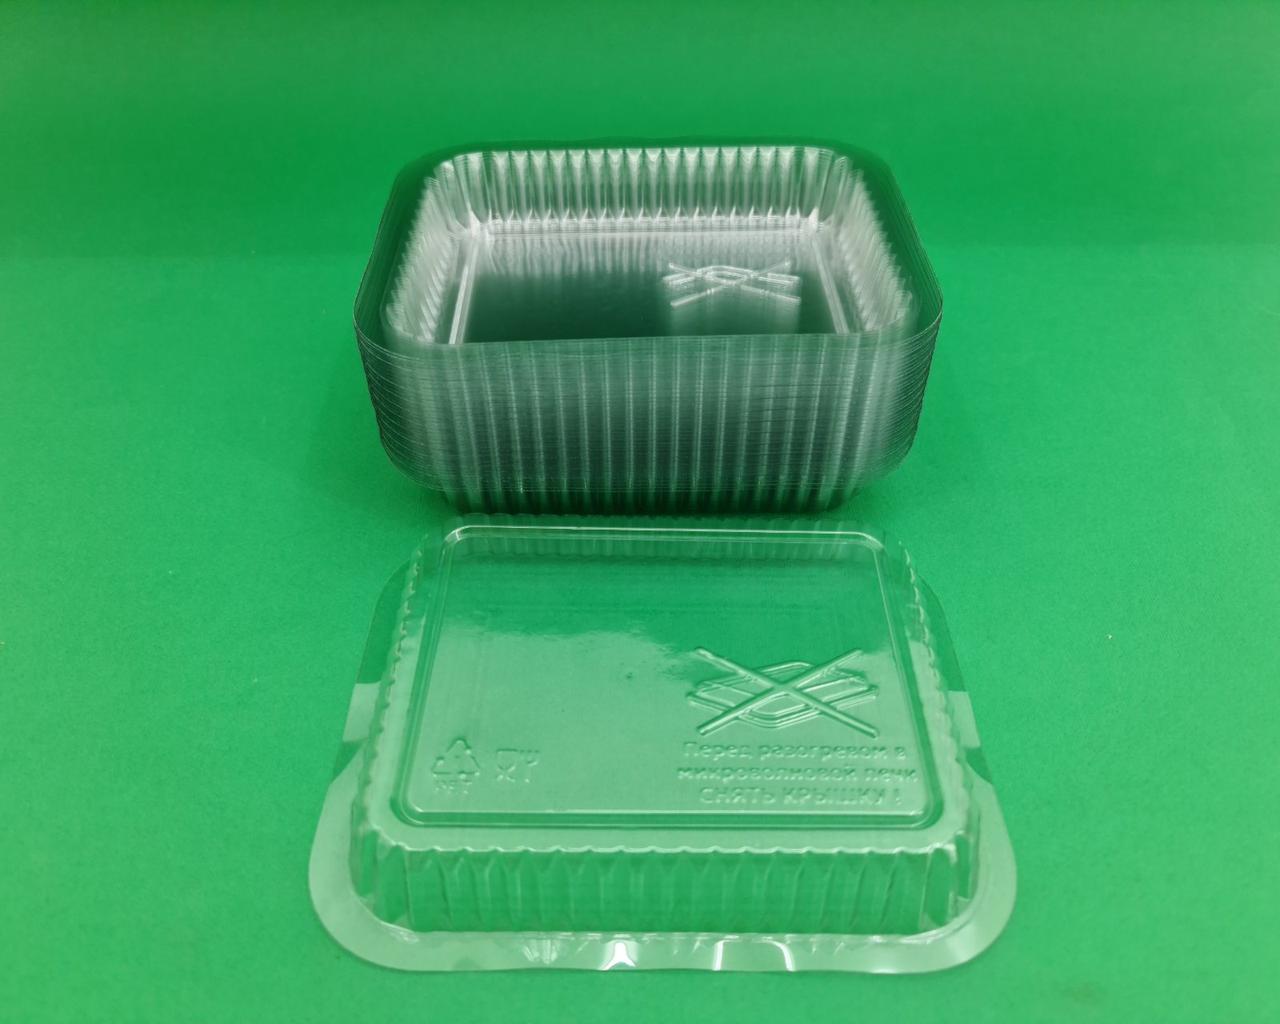 Крышка на алюминиевый контейнер из PET артикул SP24L 100 штук (1 пач)